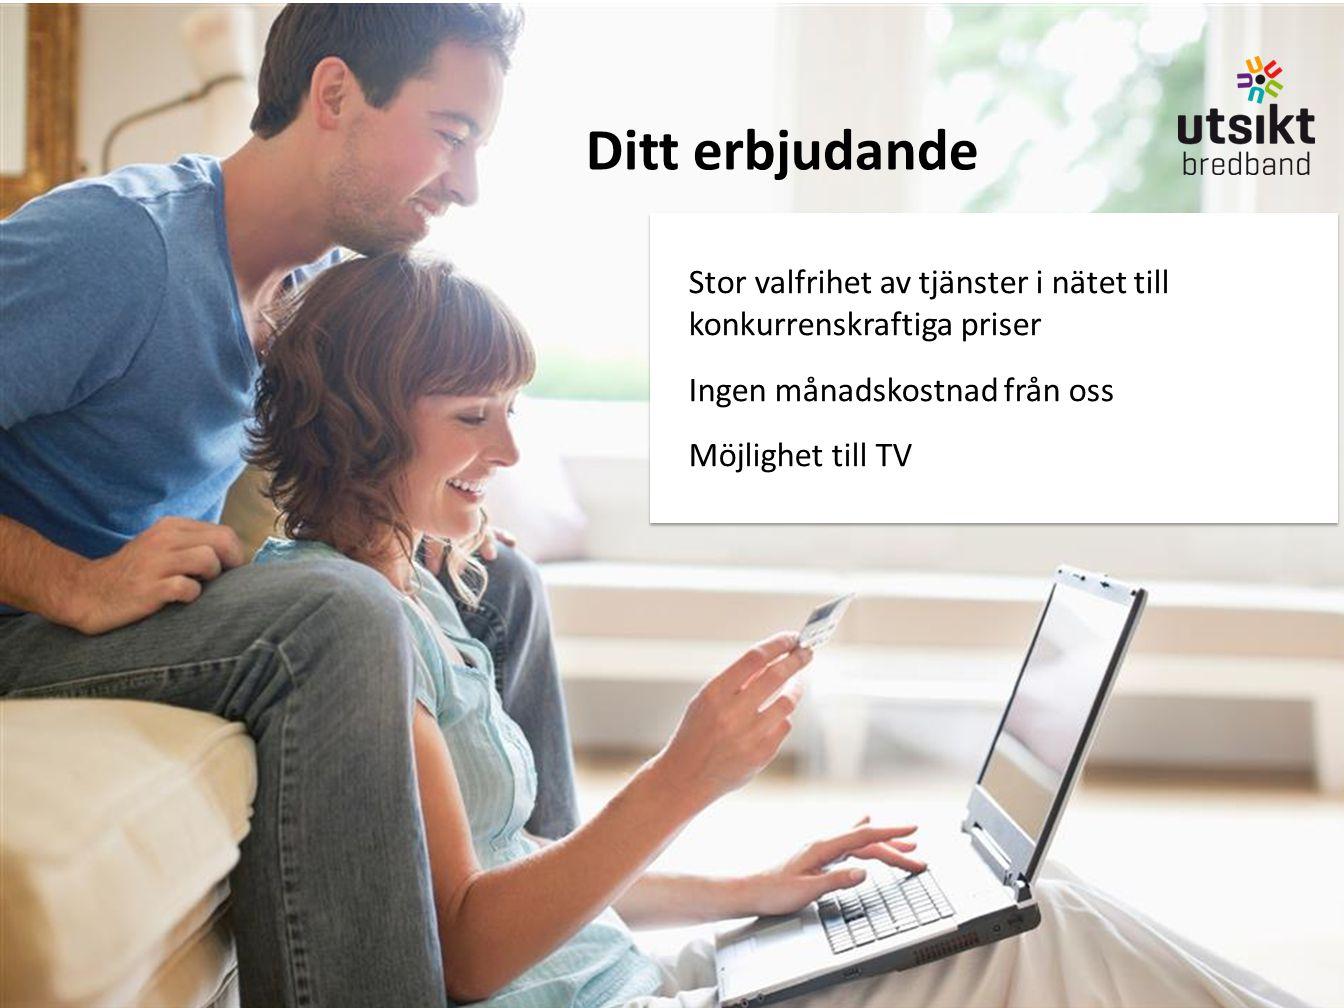 Ditt erbjudande Stor valfrihet av tjänster i nätet till konkurrenskraftiga priser. Ingen månadskostnad från oss.